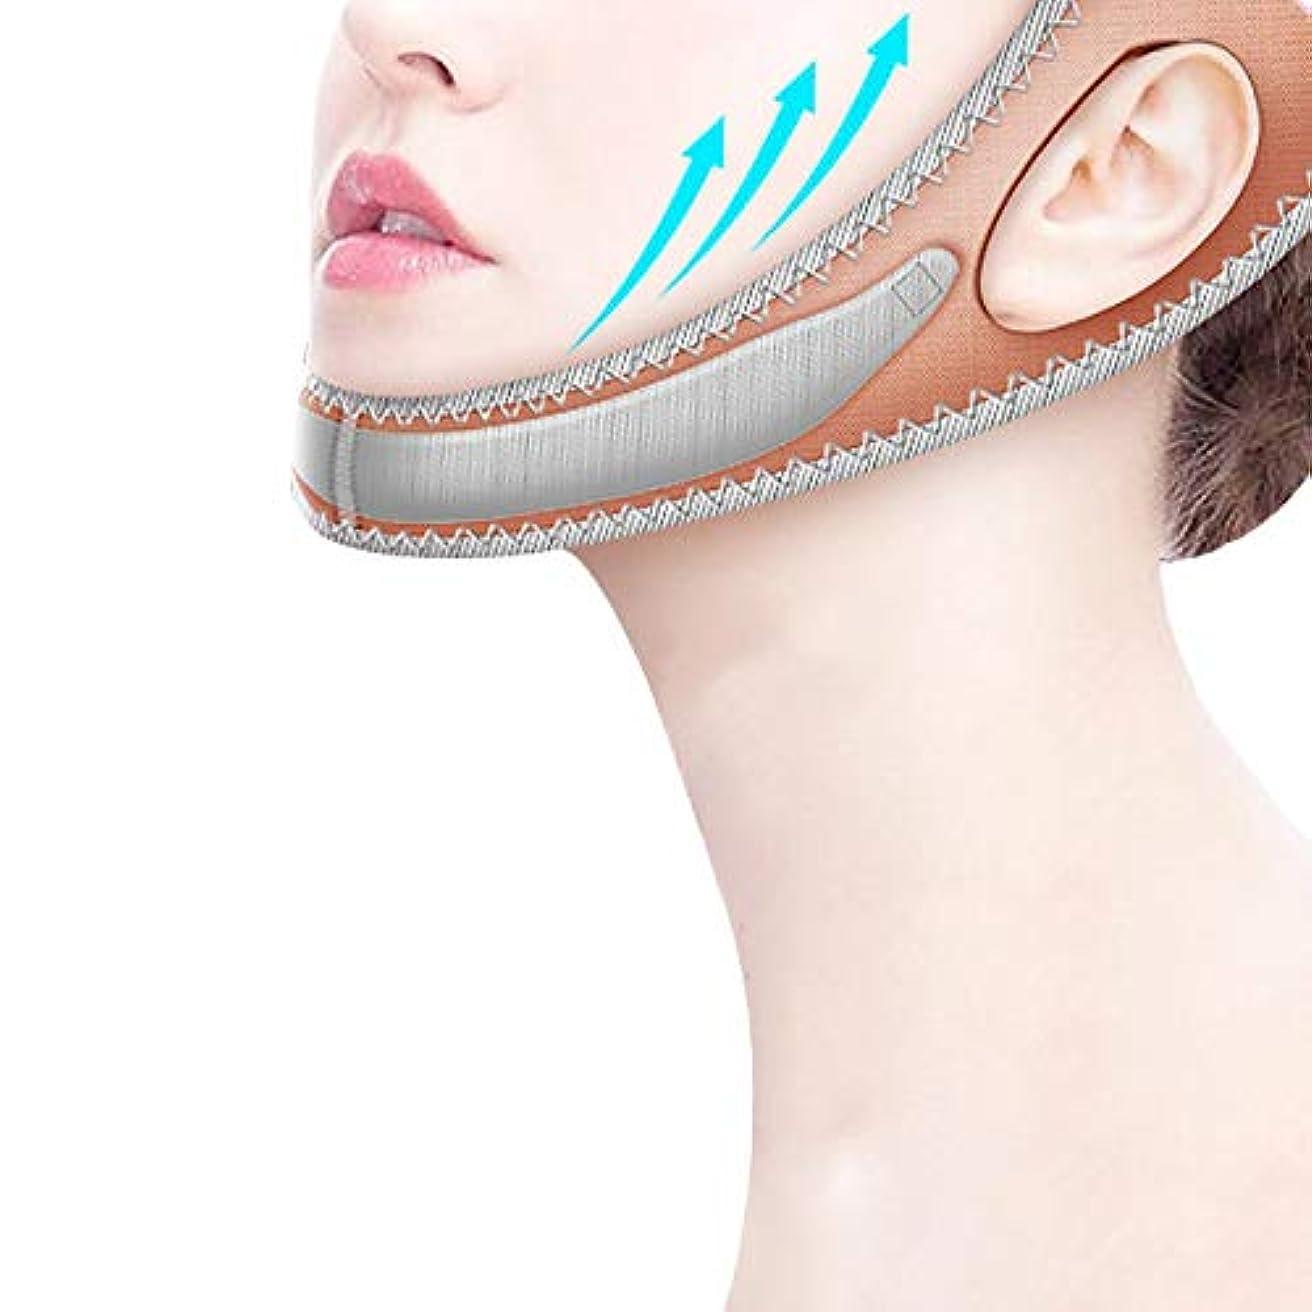 ライナー住所知的二重あごのプラスチック面の人工物の器械の美顔術のマッサージャーの近くで持ち上がる小さいVの表面の器械の包帯のマスクとの睡眠